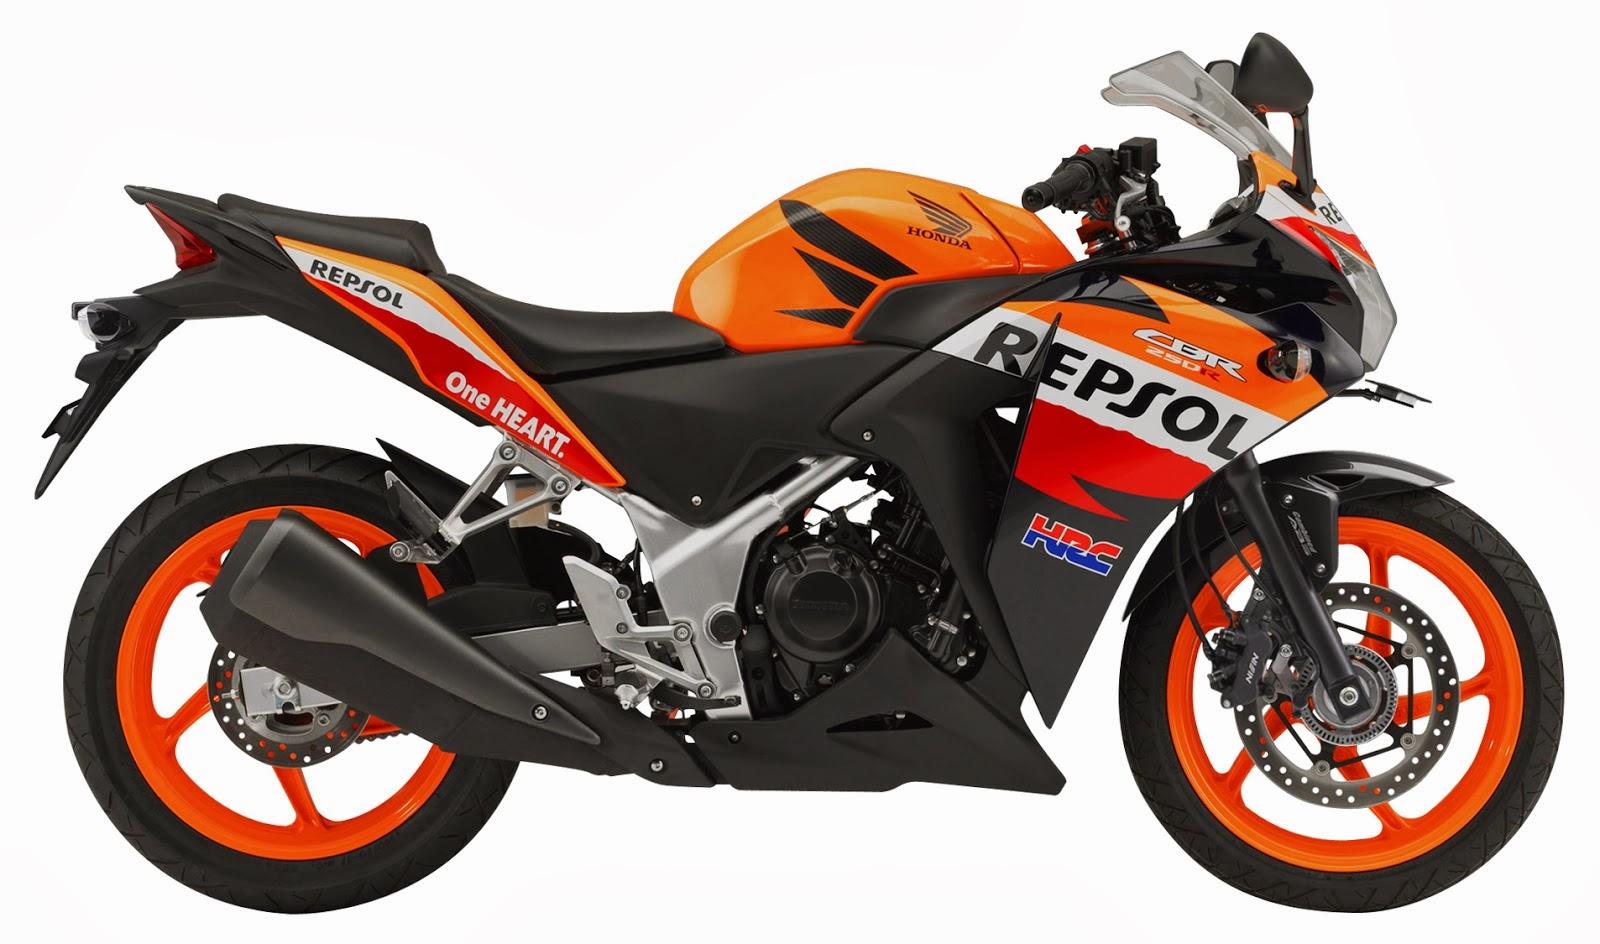 Koleksi modif motor honda cbr 150 repsol terbaru dan for South motors honda us1